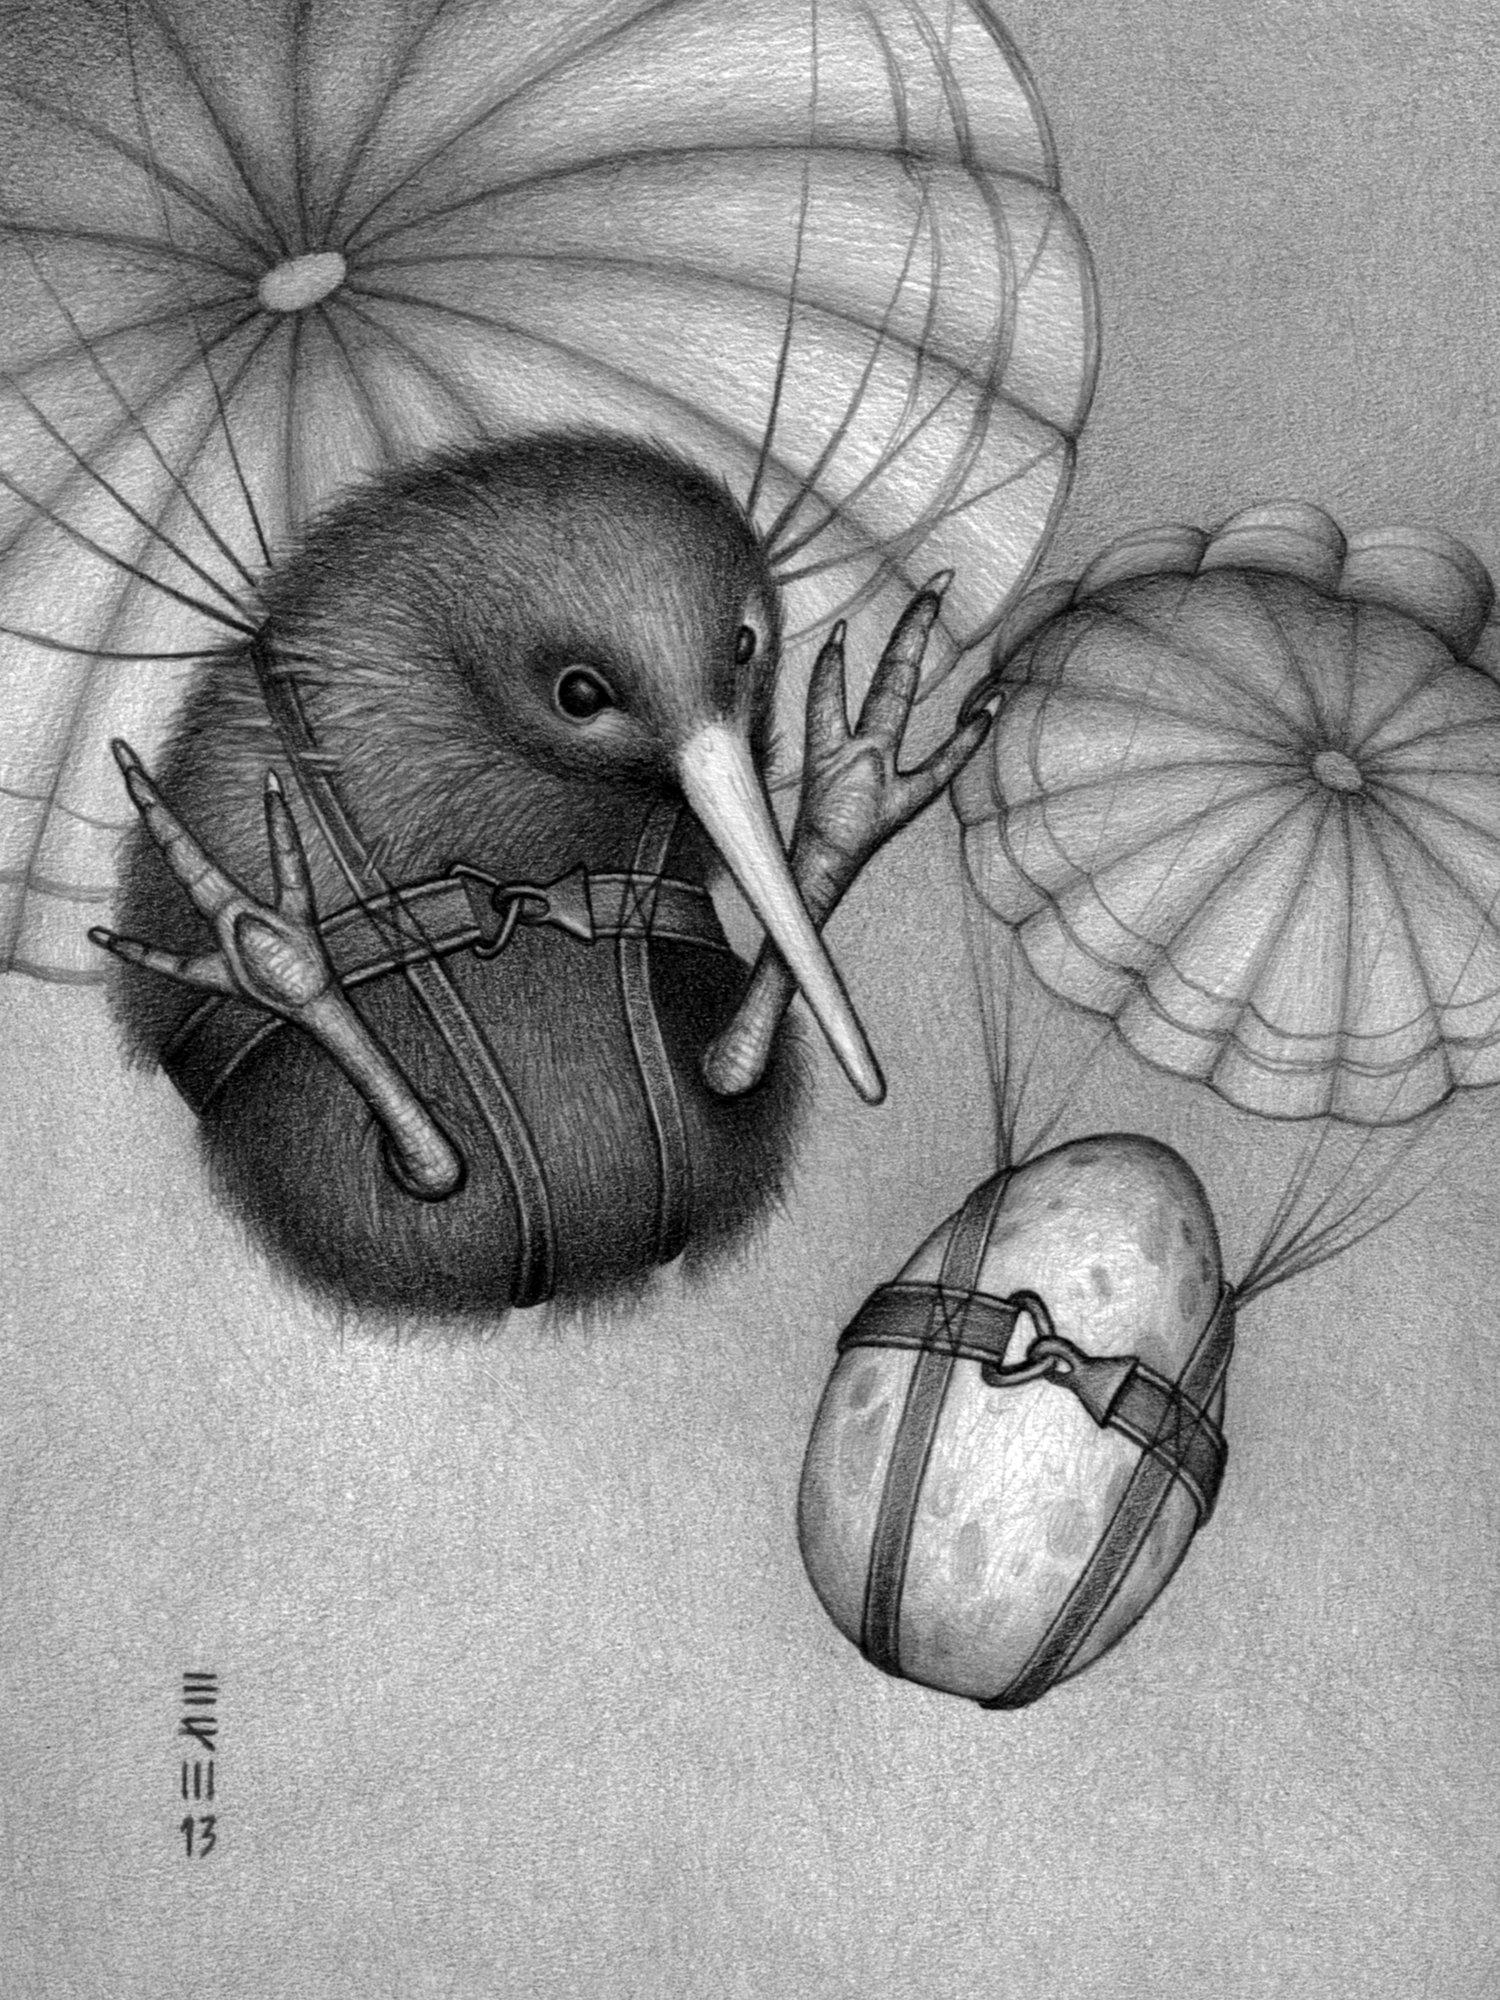 Image of Kiwi/Parachute